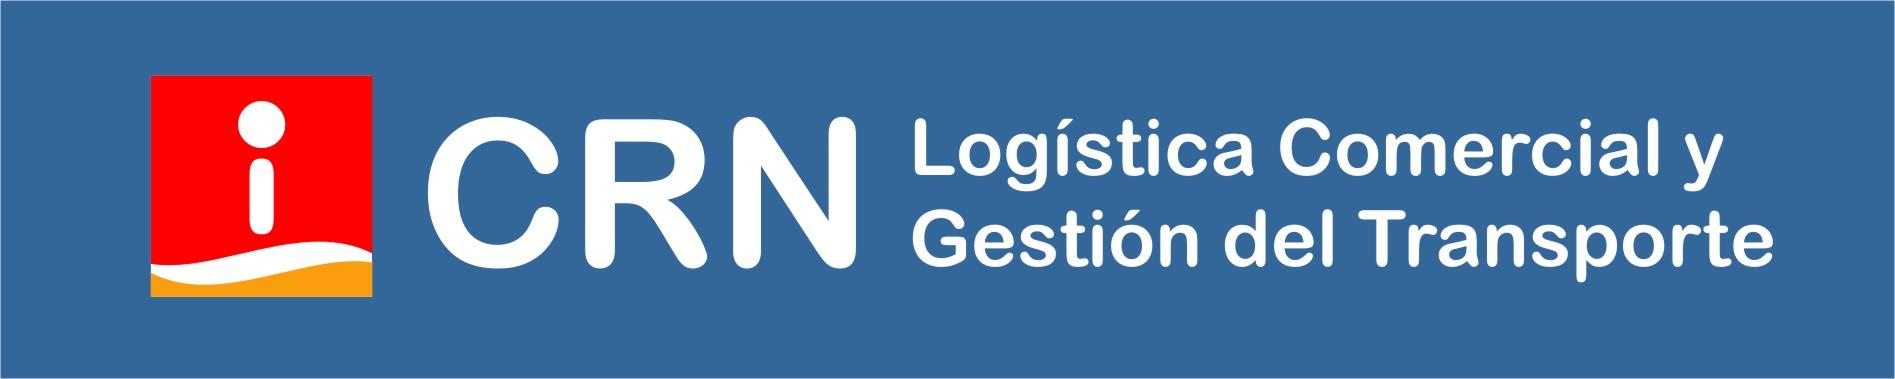 Últimas tecnologías de trazabilidad de productos y servicios (COML06)